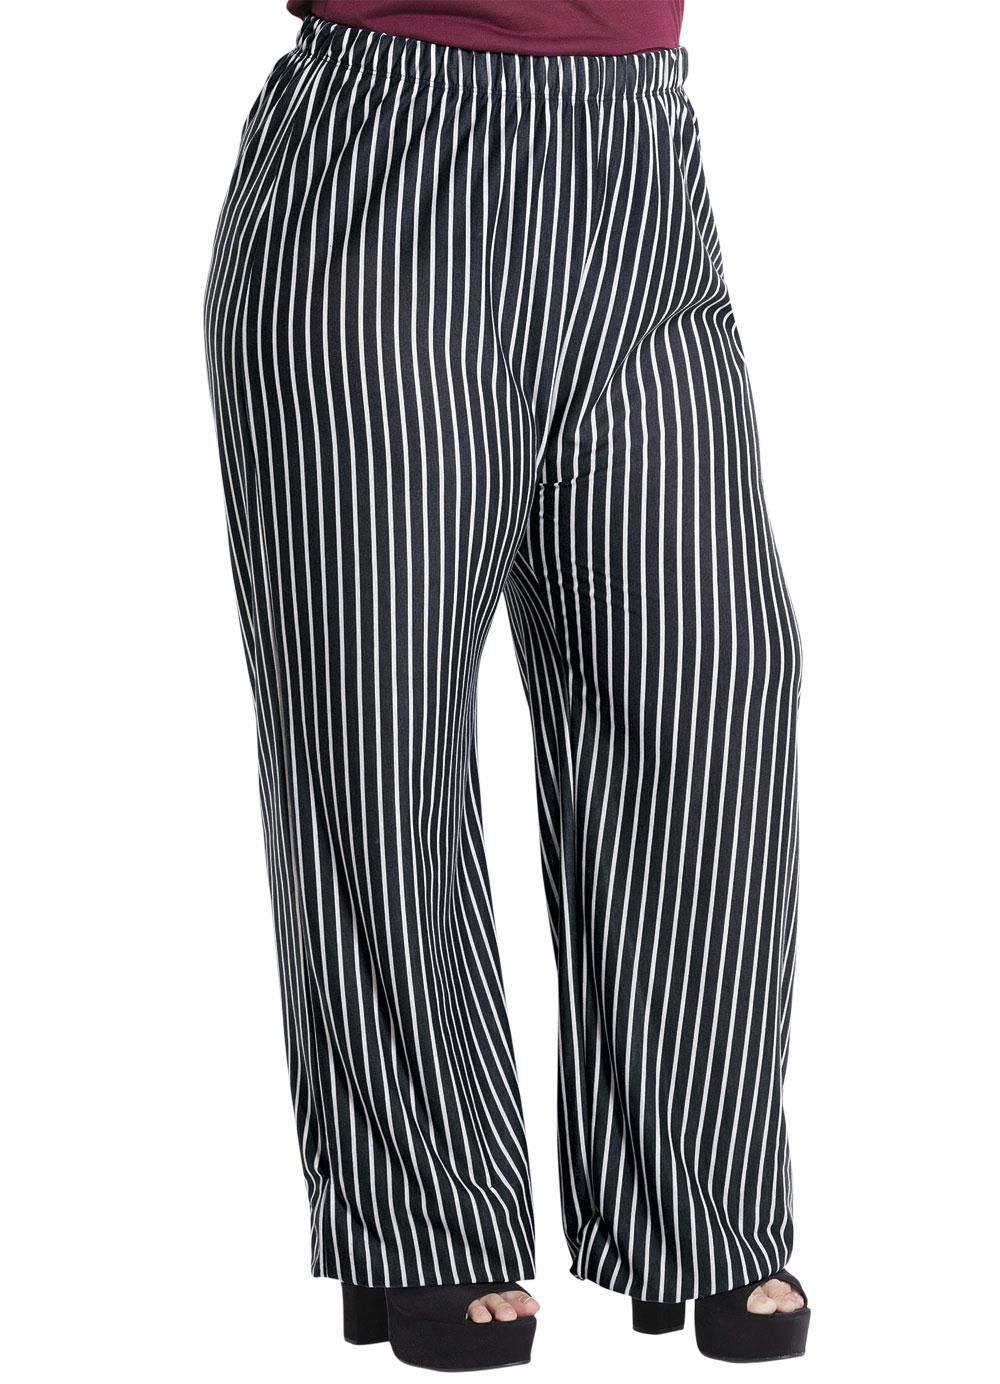 39e281d83 Calça Pantalona Listrada Plus Size Marguerite - Posthaus | Closet ...